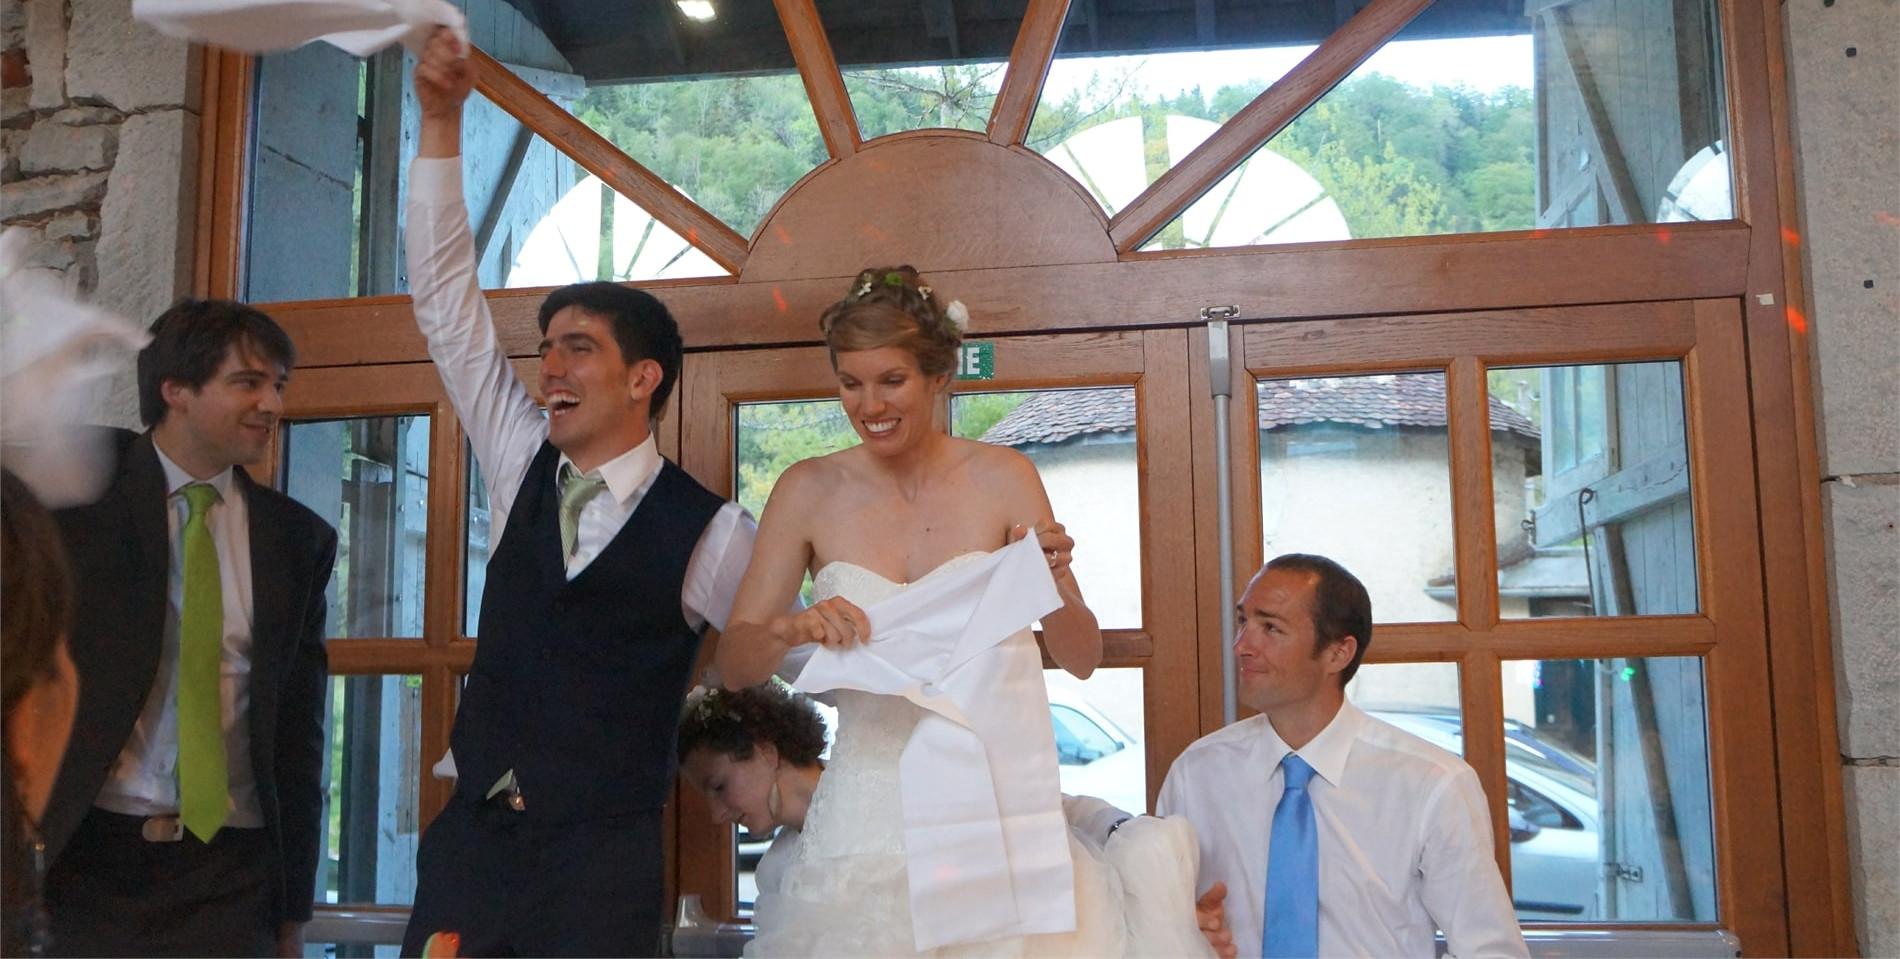 Entrée des Mariés dans la salle